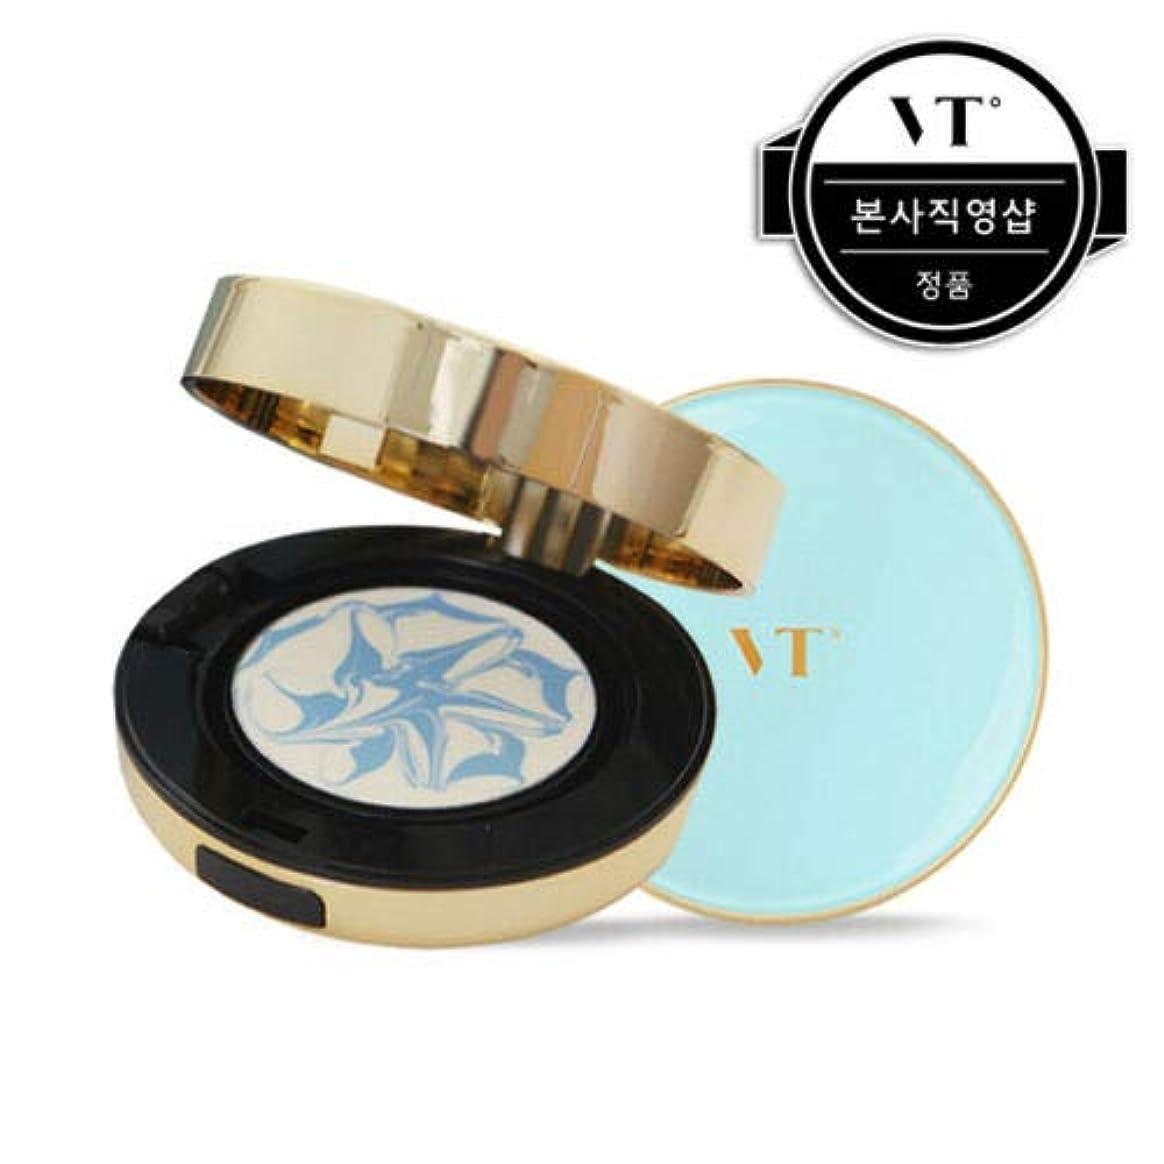 もっと少なくトラフいらいらさせるVT Cosmetic Essence Sun Pact エッセンス サン パクト 本品11g + リフィール 11g, SPF50+/PA+++